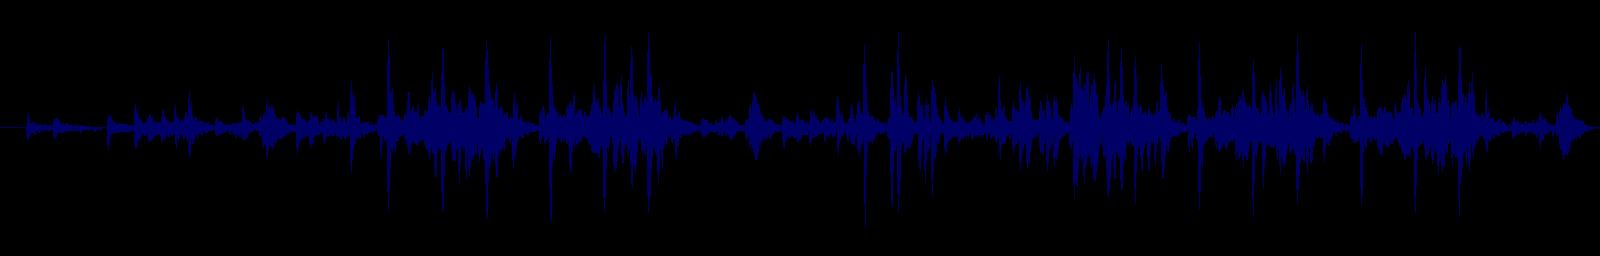 waveform of track #116300